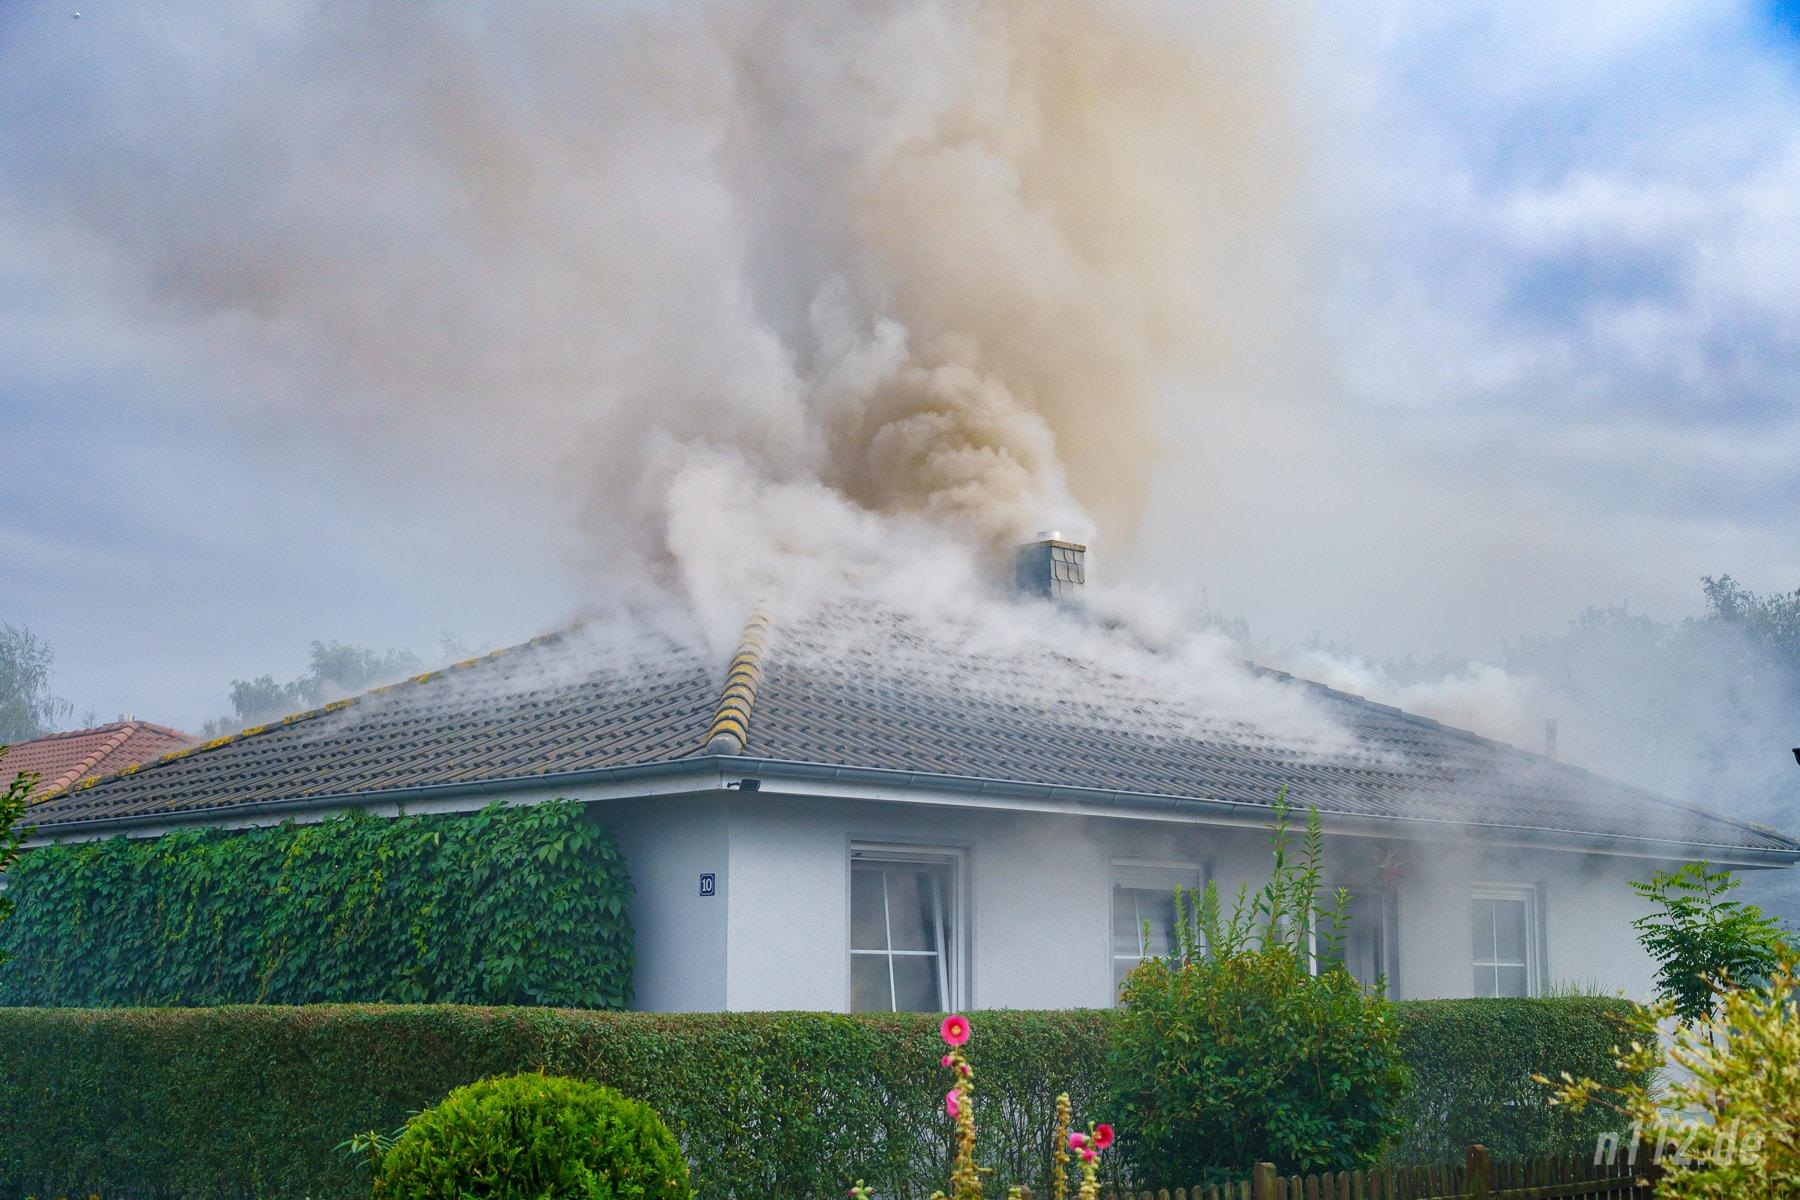 Viel giftiger Rauch: Um alle Einsatzkräfte vor Spätfolgen zu schützen, wird die belasteten Einsatzkleidung der nah am Feuer arbeitenden Helfer getauscht (Foto: n112.de/Stefan Simonsen)